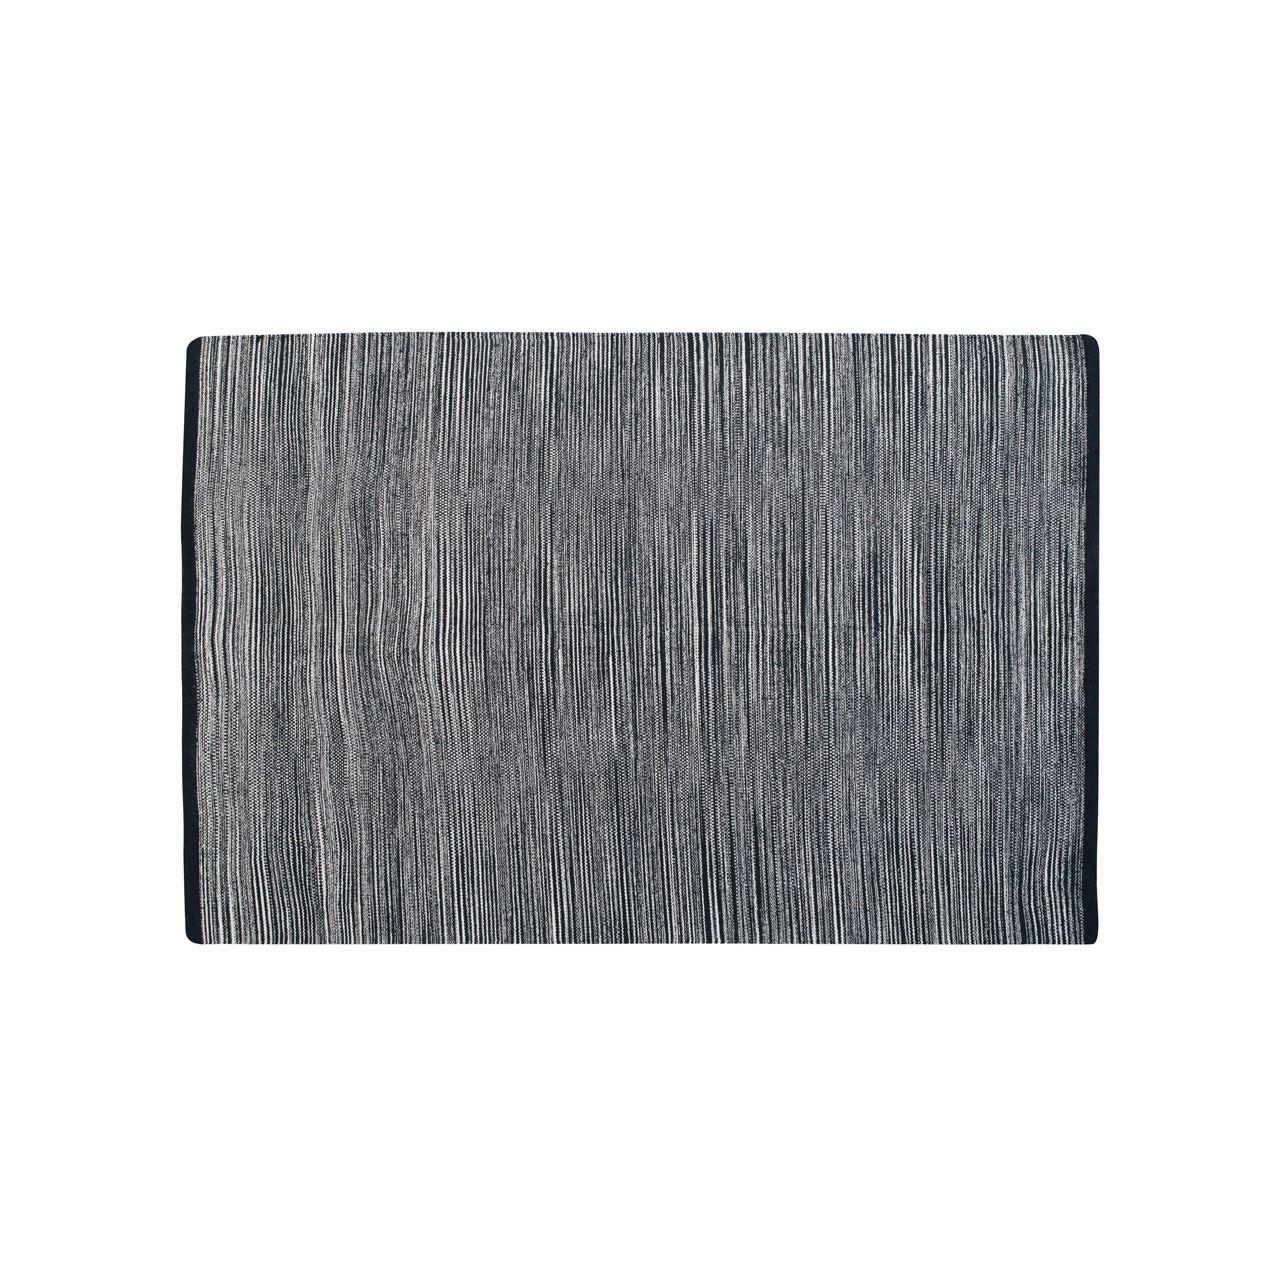 Bosie Small Stripe Rug,100% Cotton Woven,Black Multi-Stripe